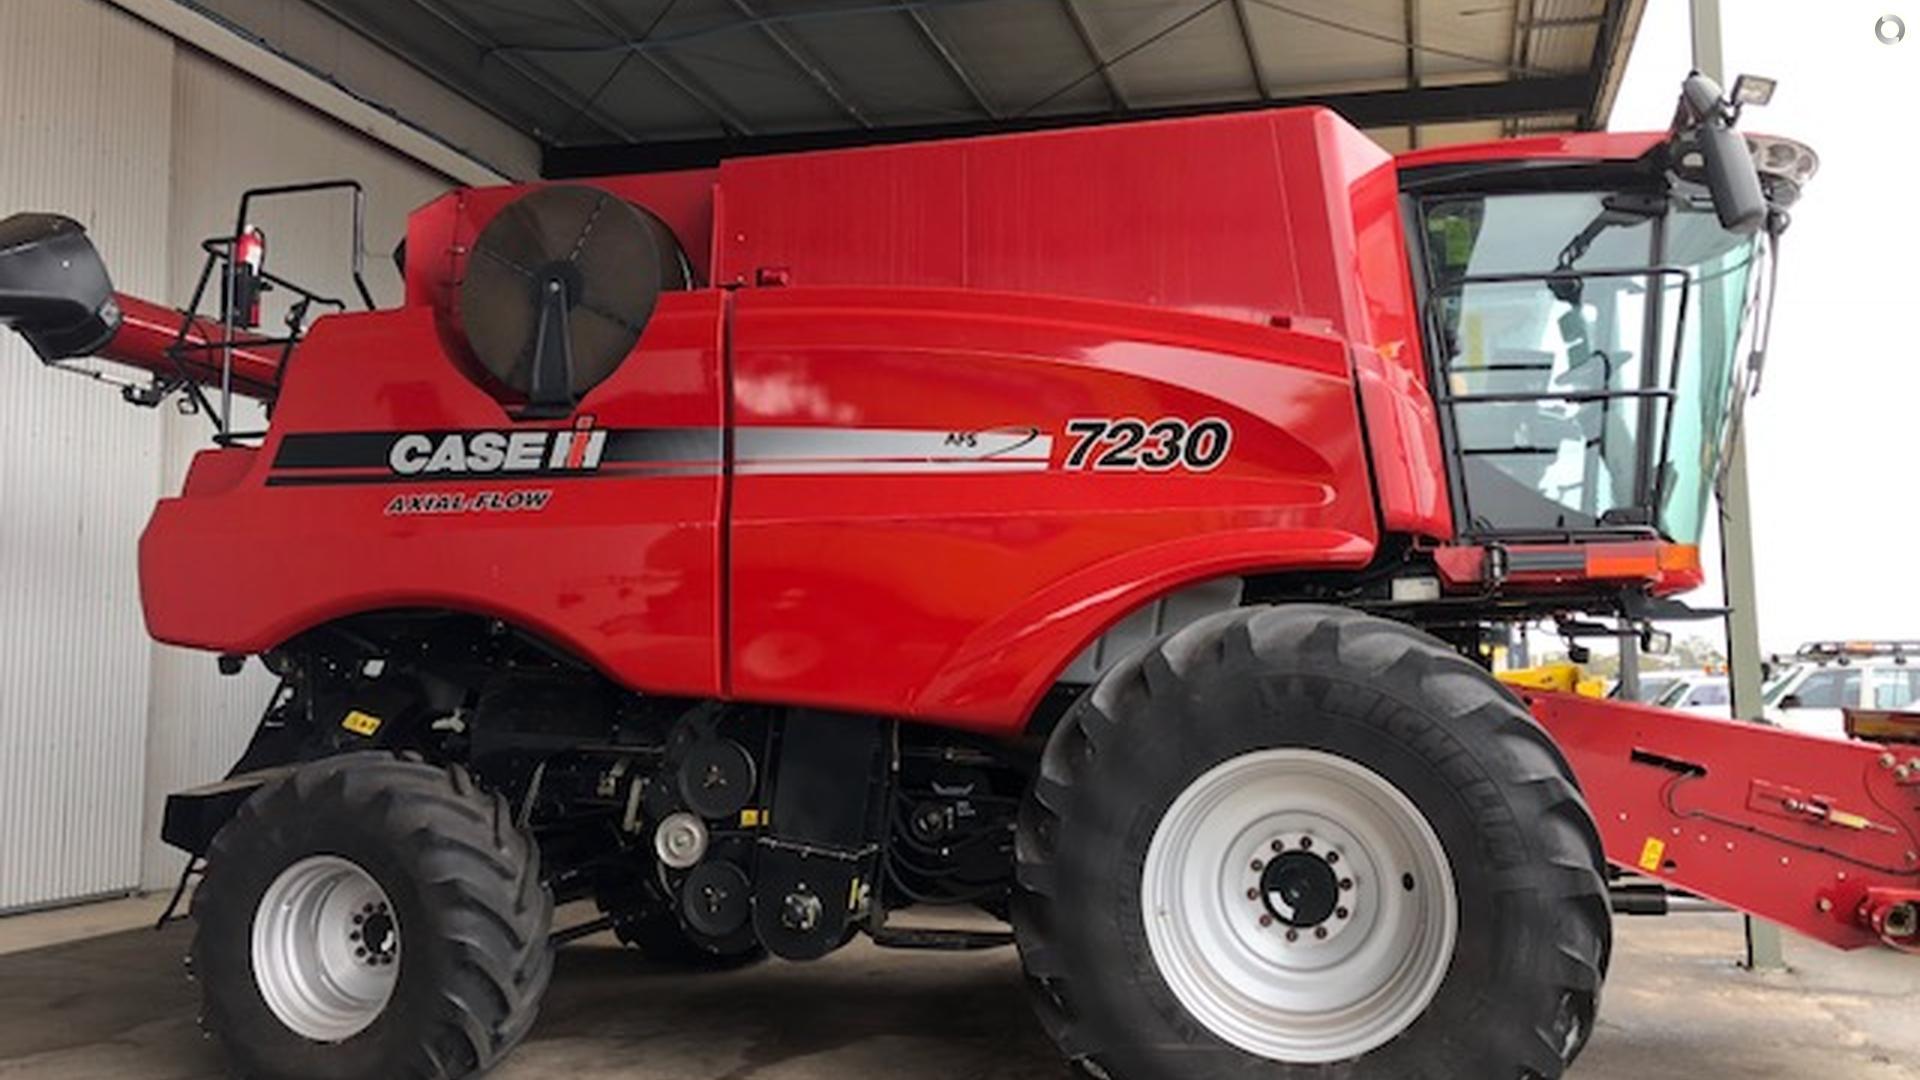 2013 CASE IH 7230 Harvester